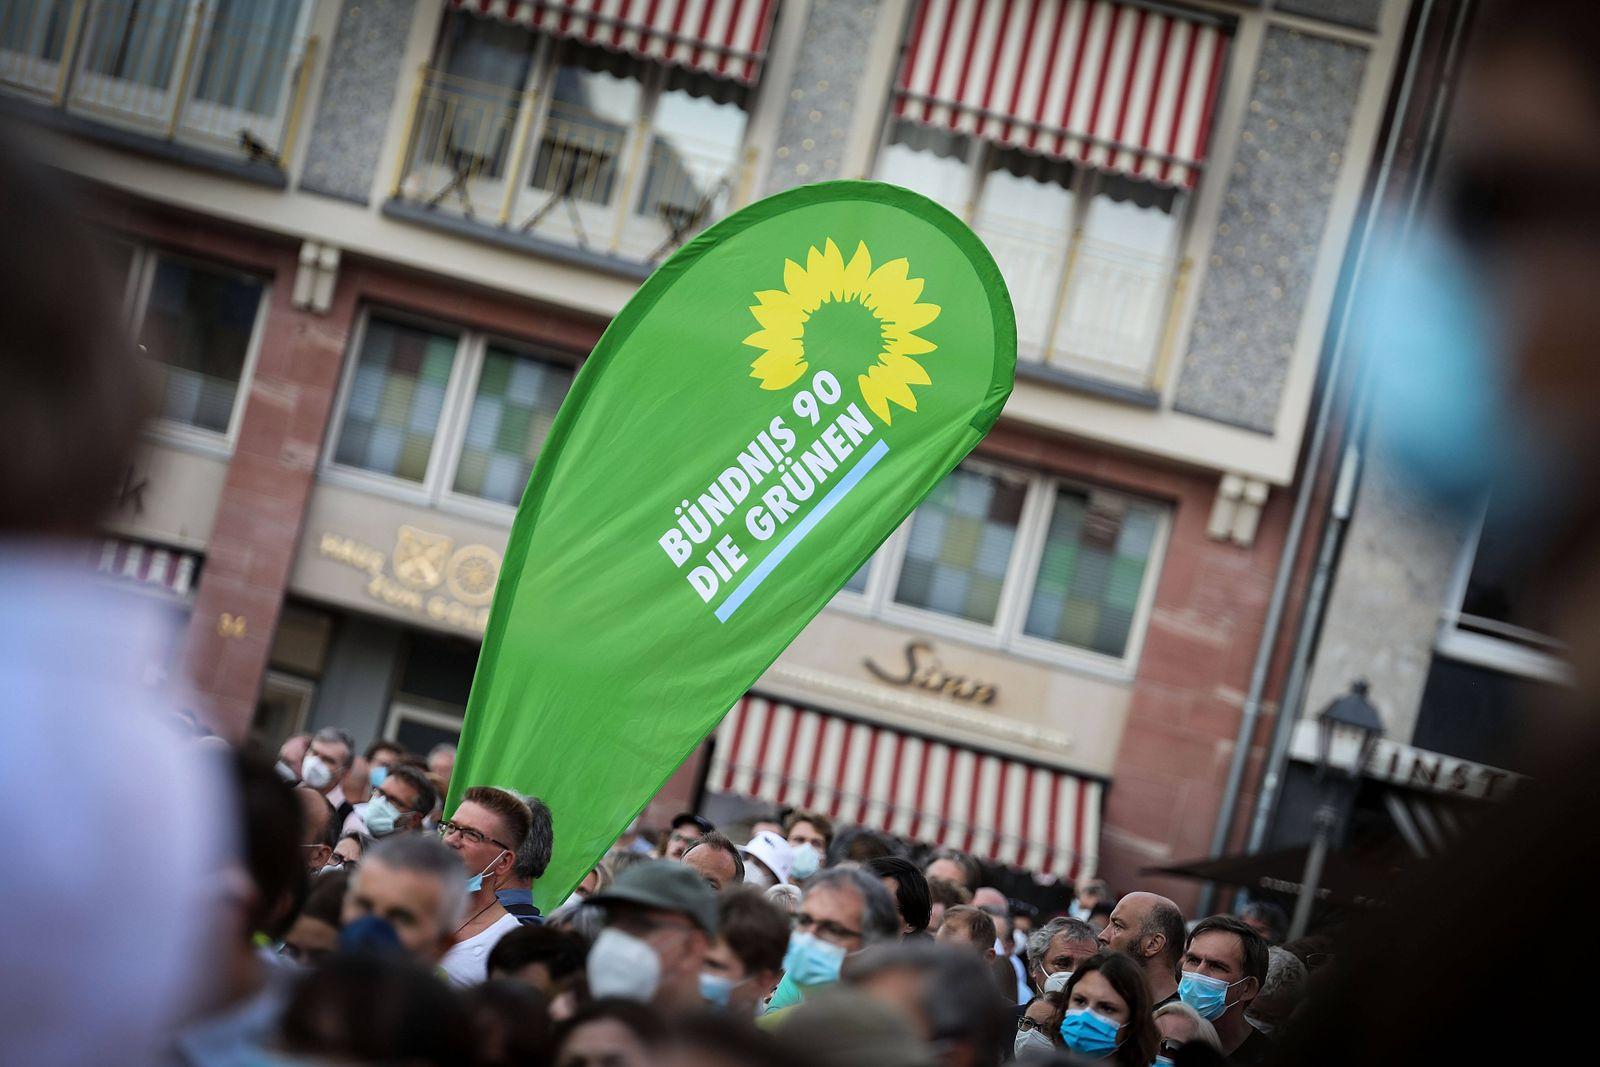 08.09.2021, xmkx, Politik , Wahlkampfveranstaltung Bündnis 90 Die Grünen mit Annalena Baerbock und Robert Habeck in Fra